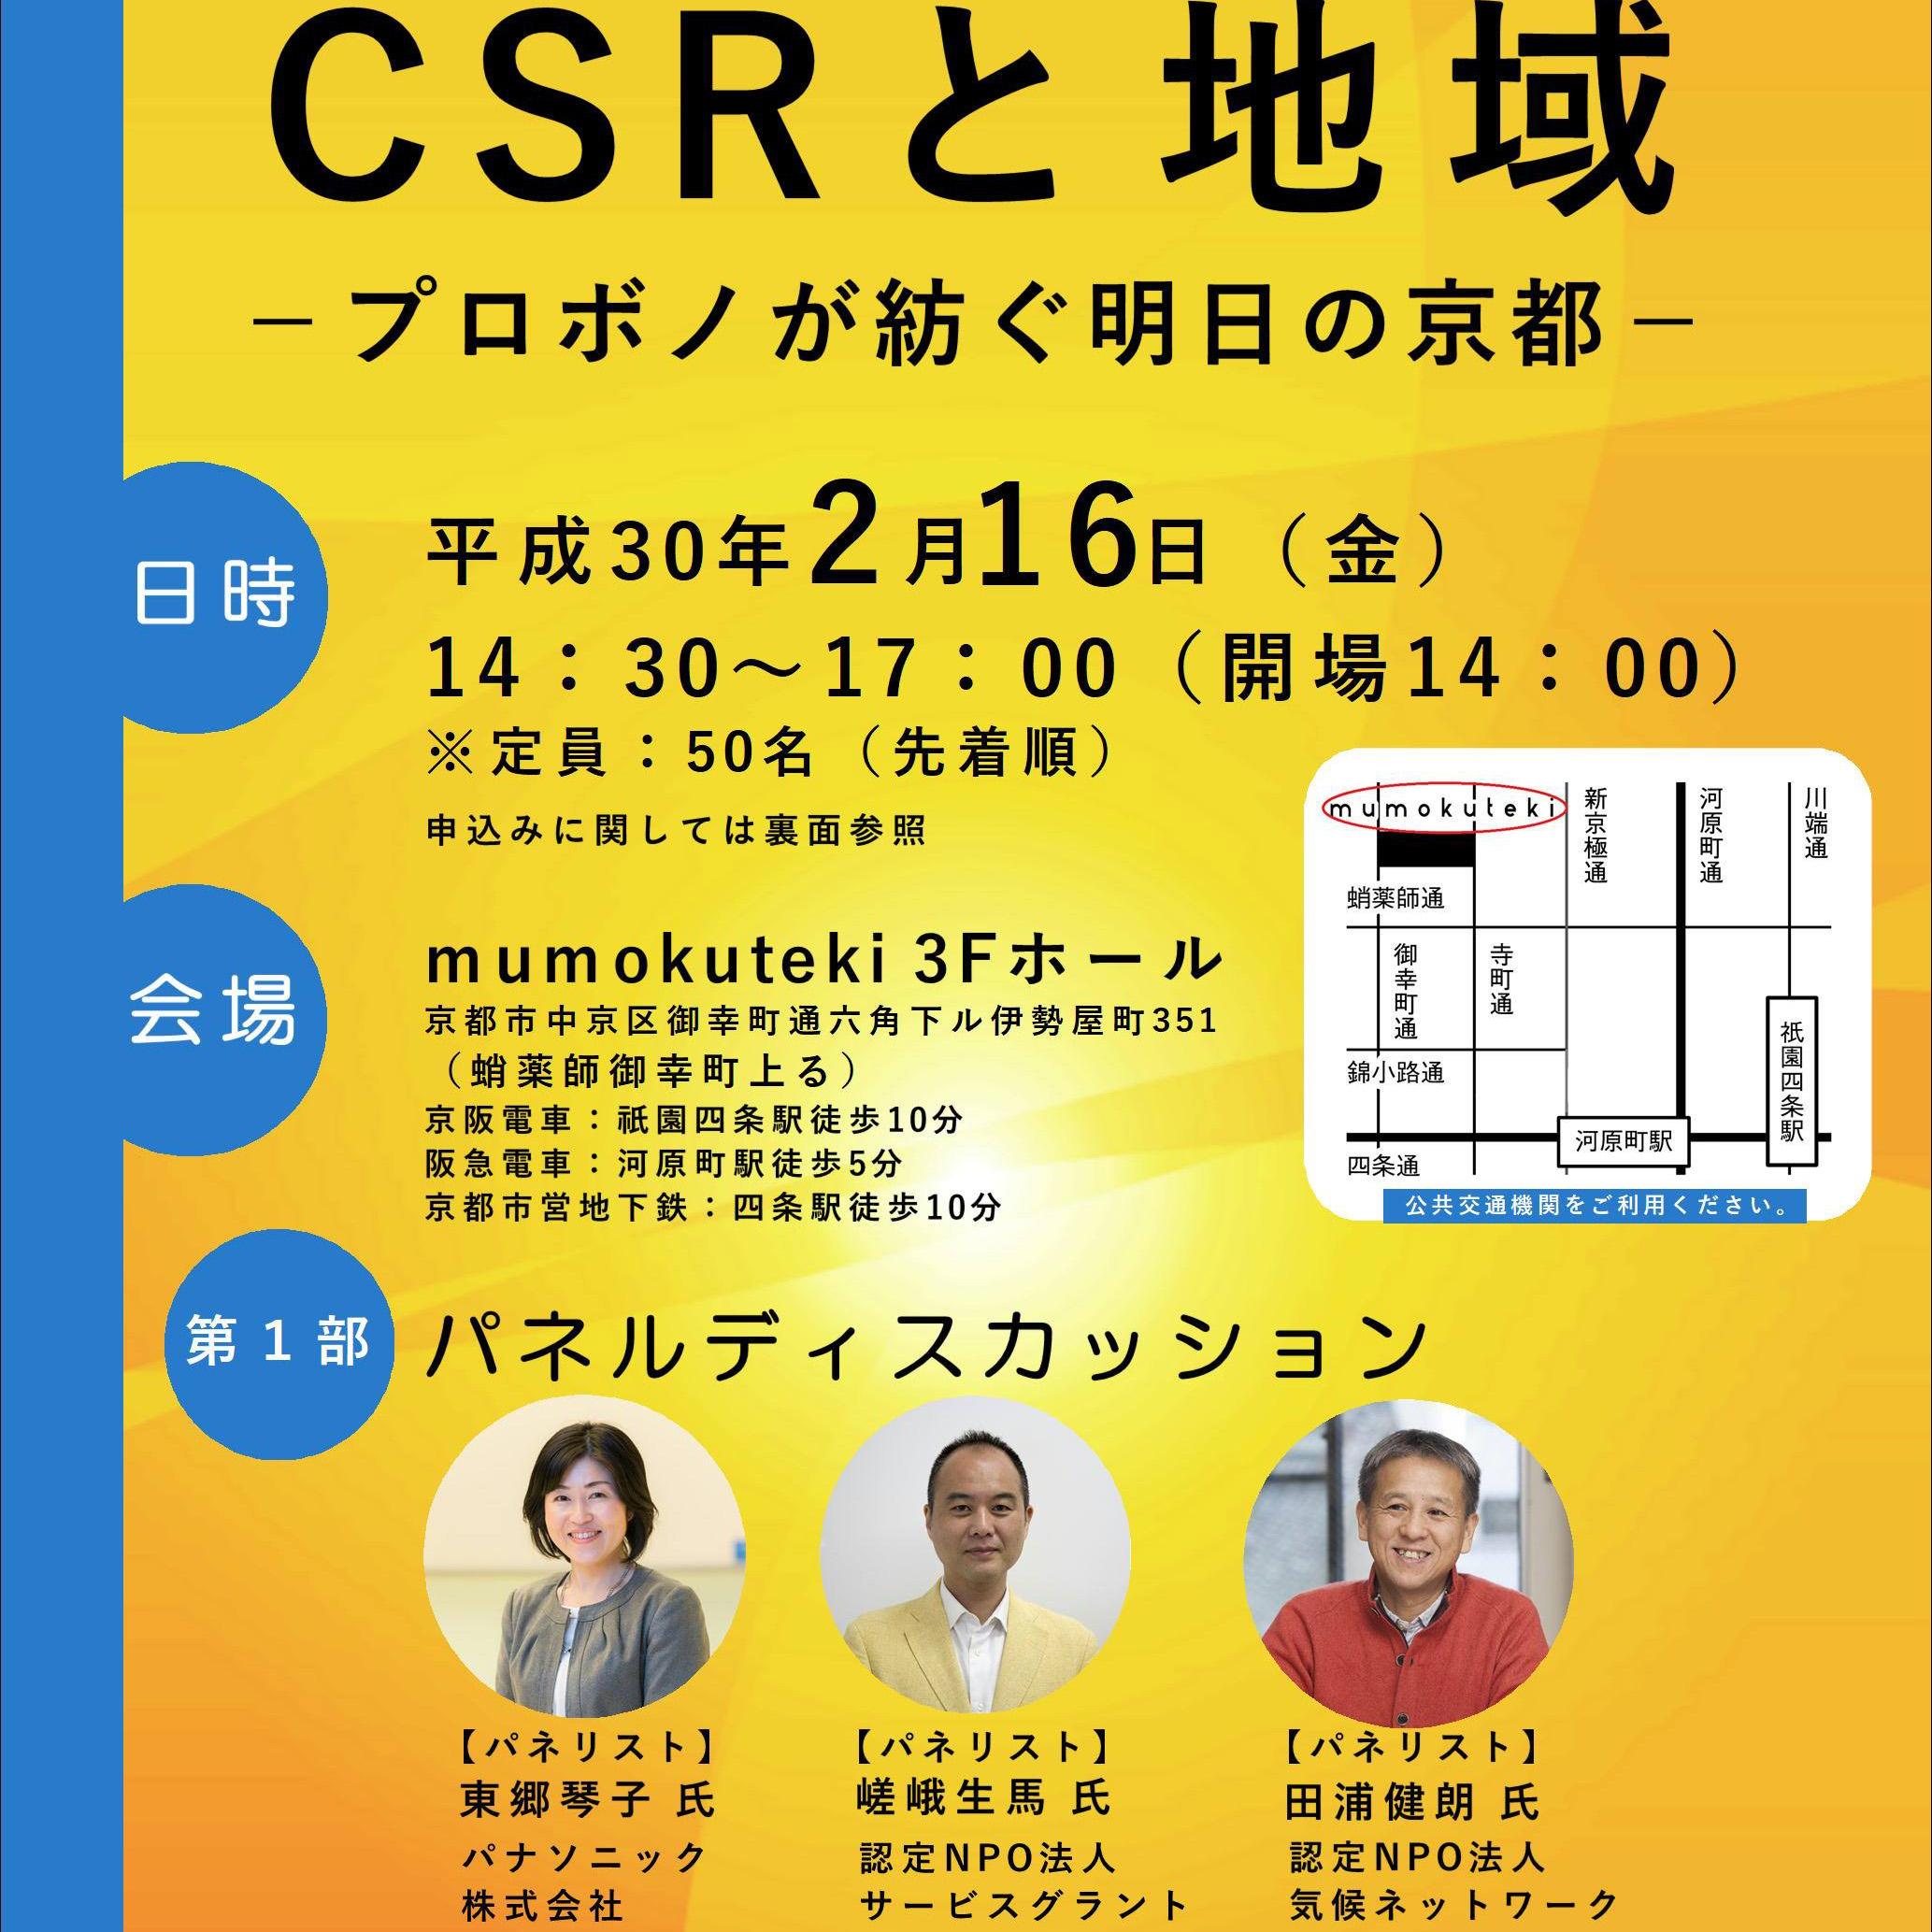 シンポジウムCSRと地域  -プロボノが紡ぐ明日の京都-